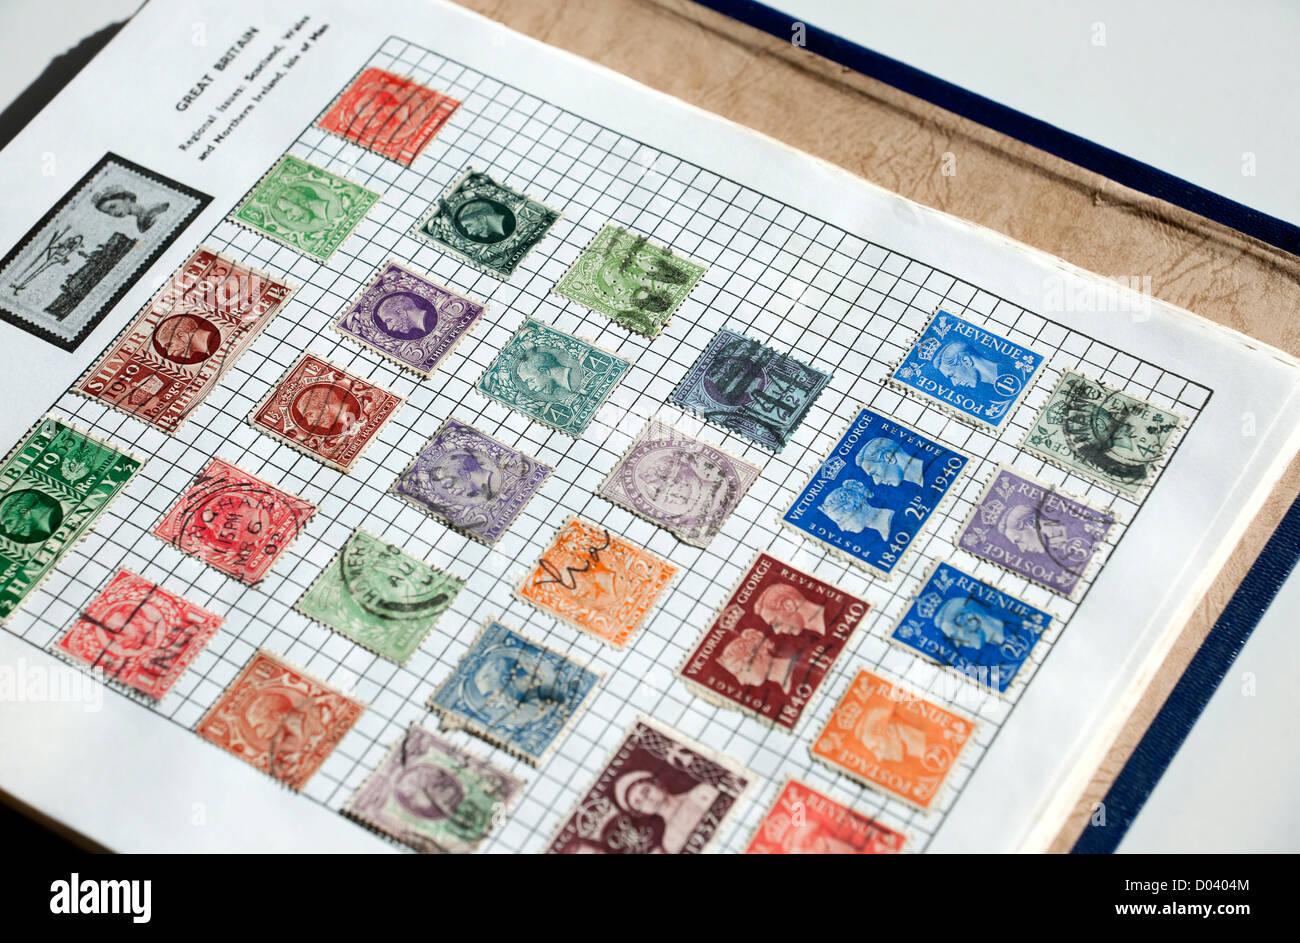 Page de l'album de timbres britanniques en Angleterre Royaume-Uni Royaume-Uni GB Grande Bretagne Photo Stock